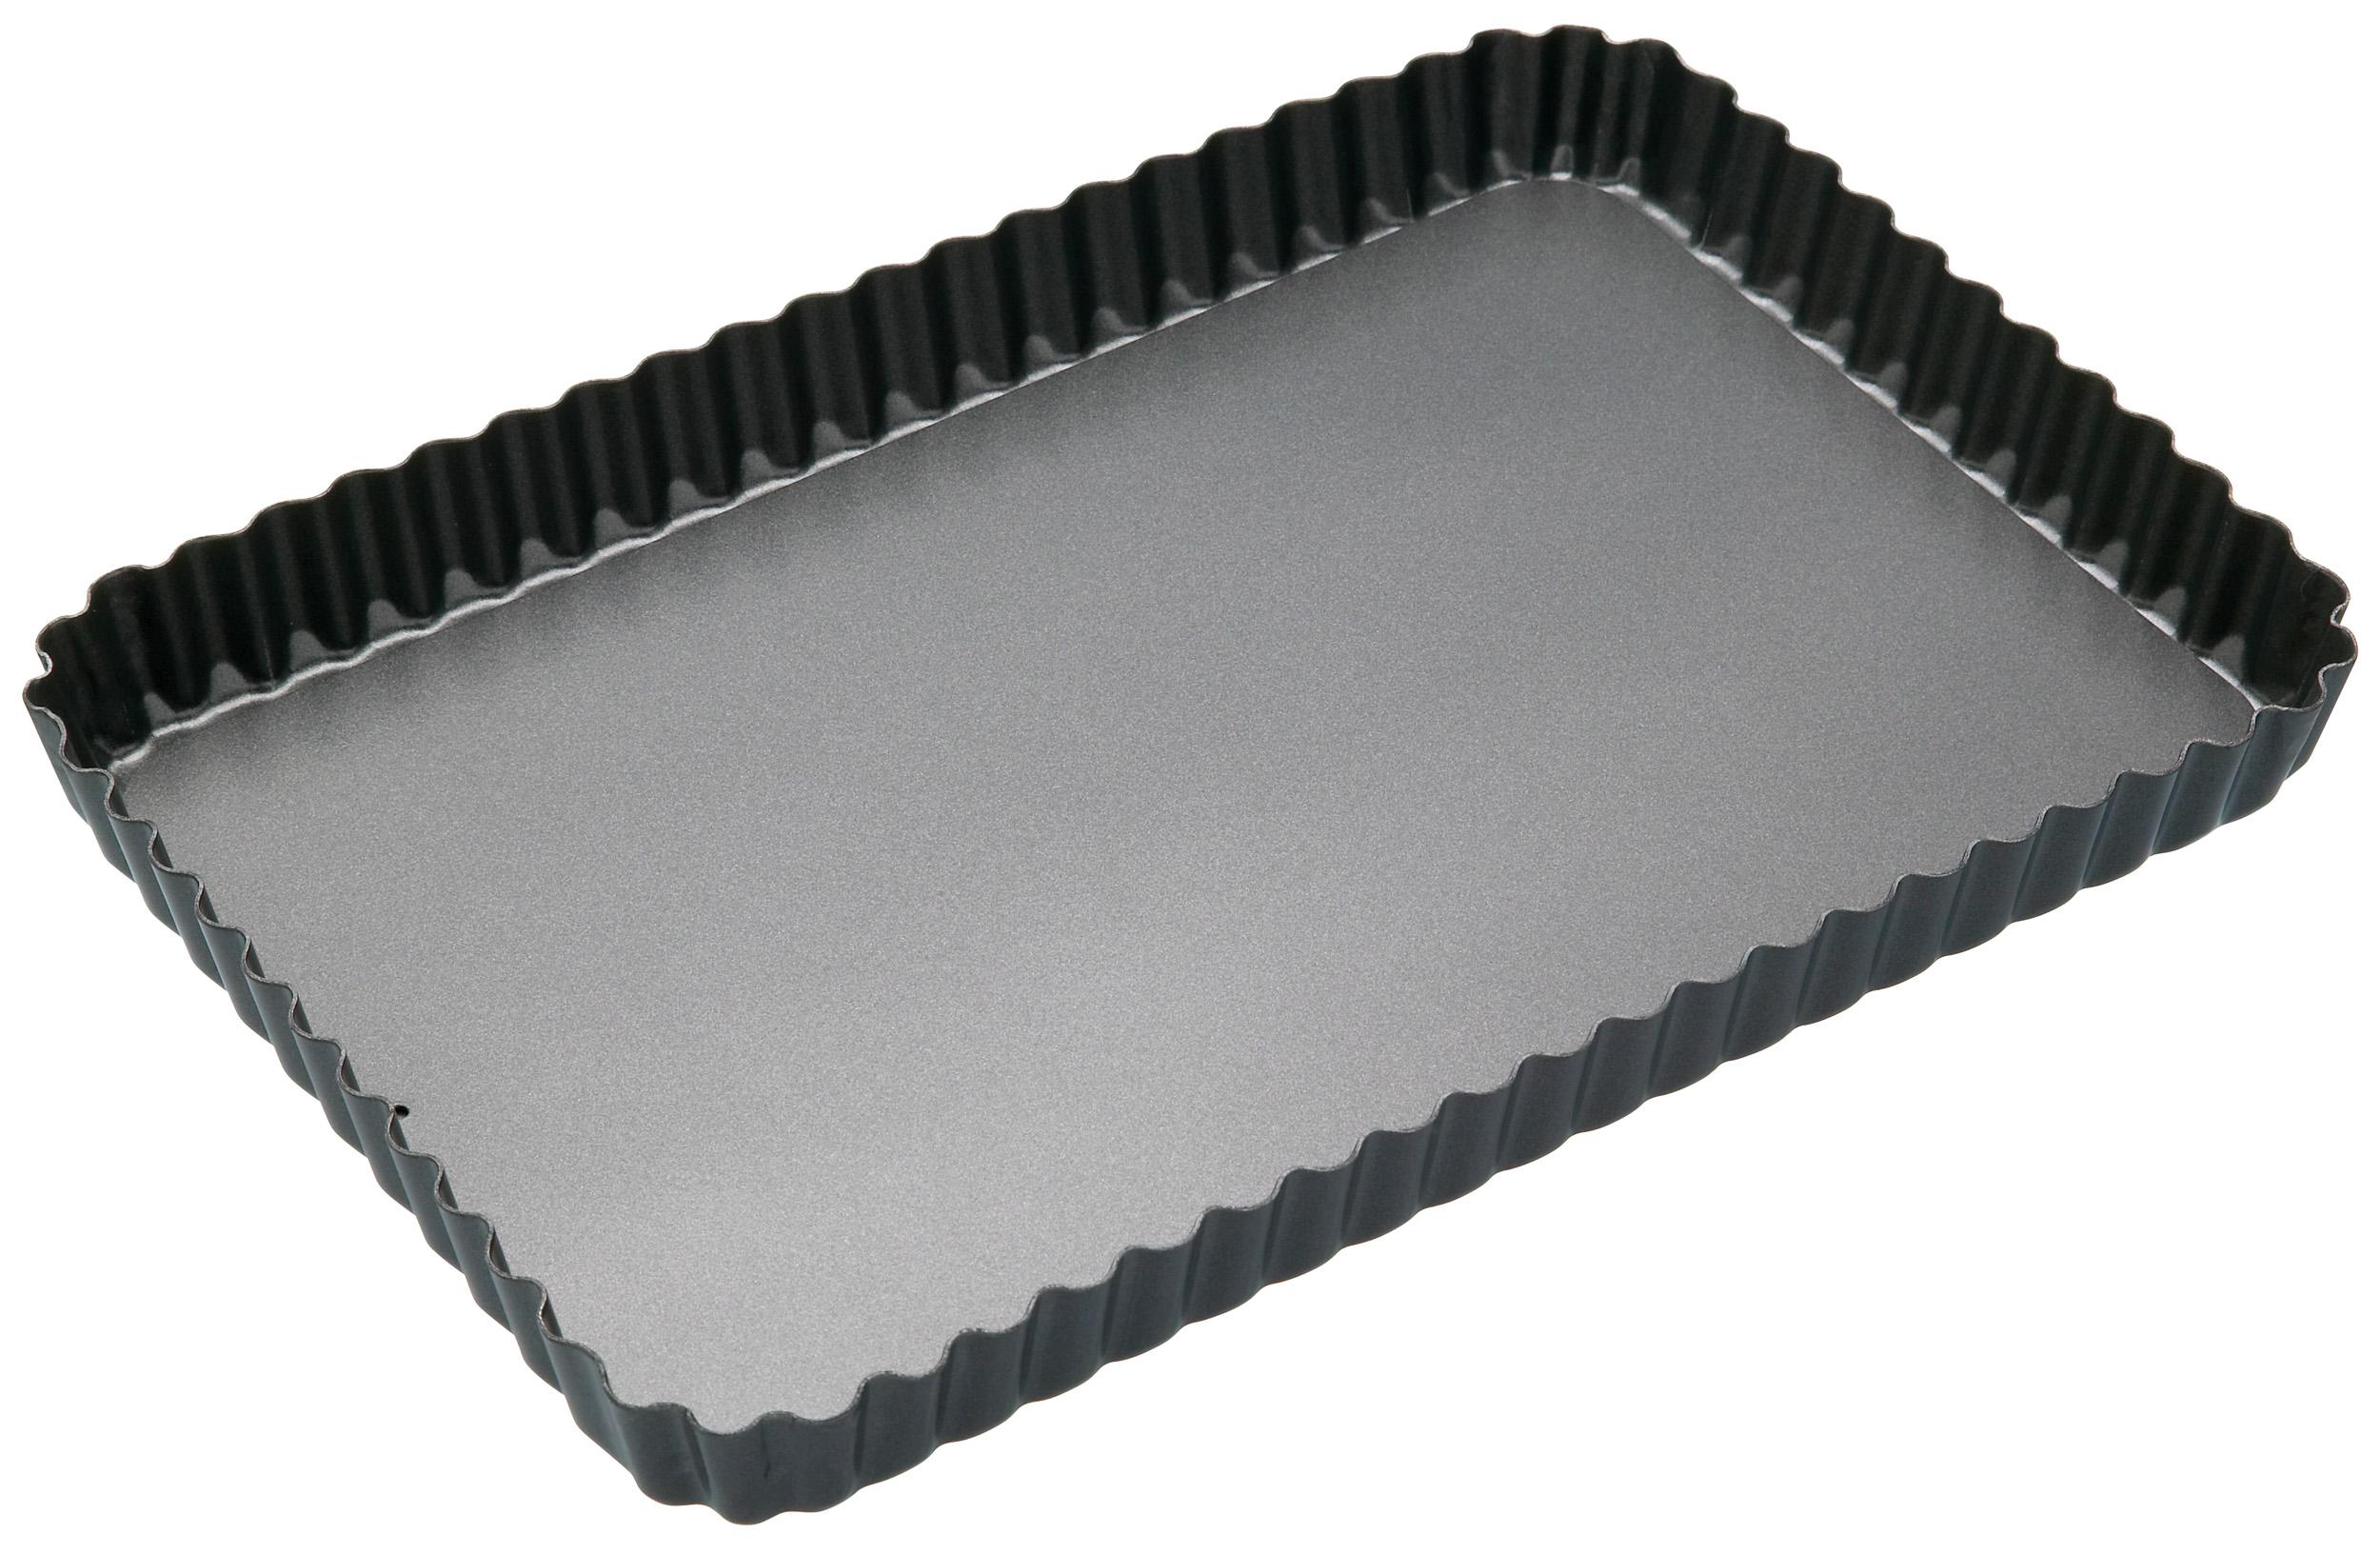 Kitchen Craft Pajform rektangulär med Löstagbar Botten Non-stick 21 cm x 31 cm